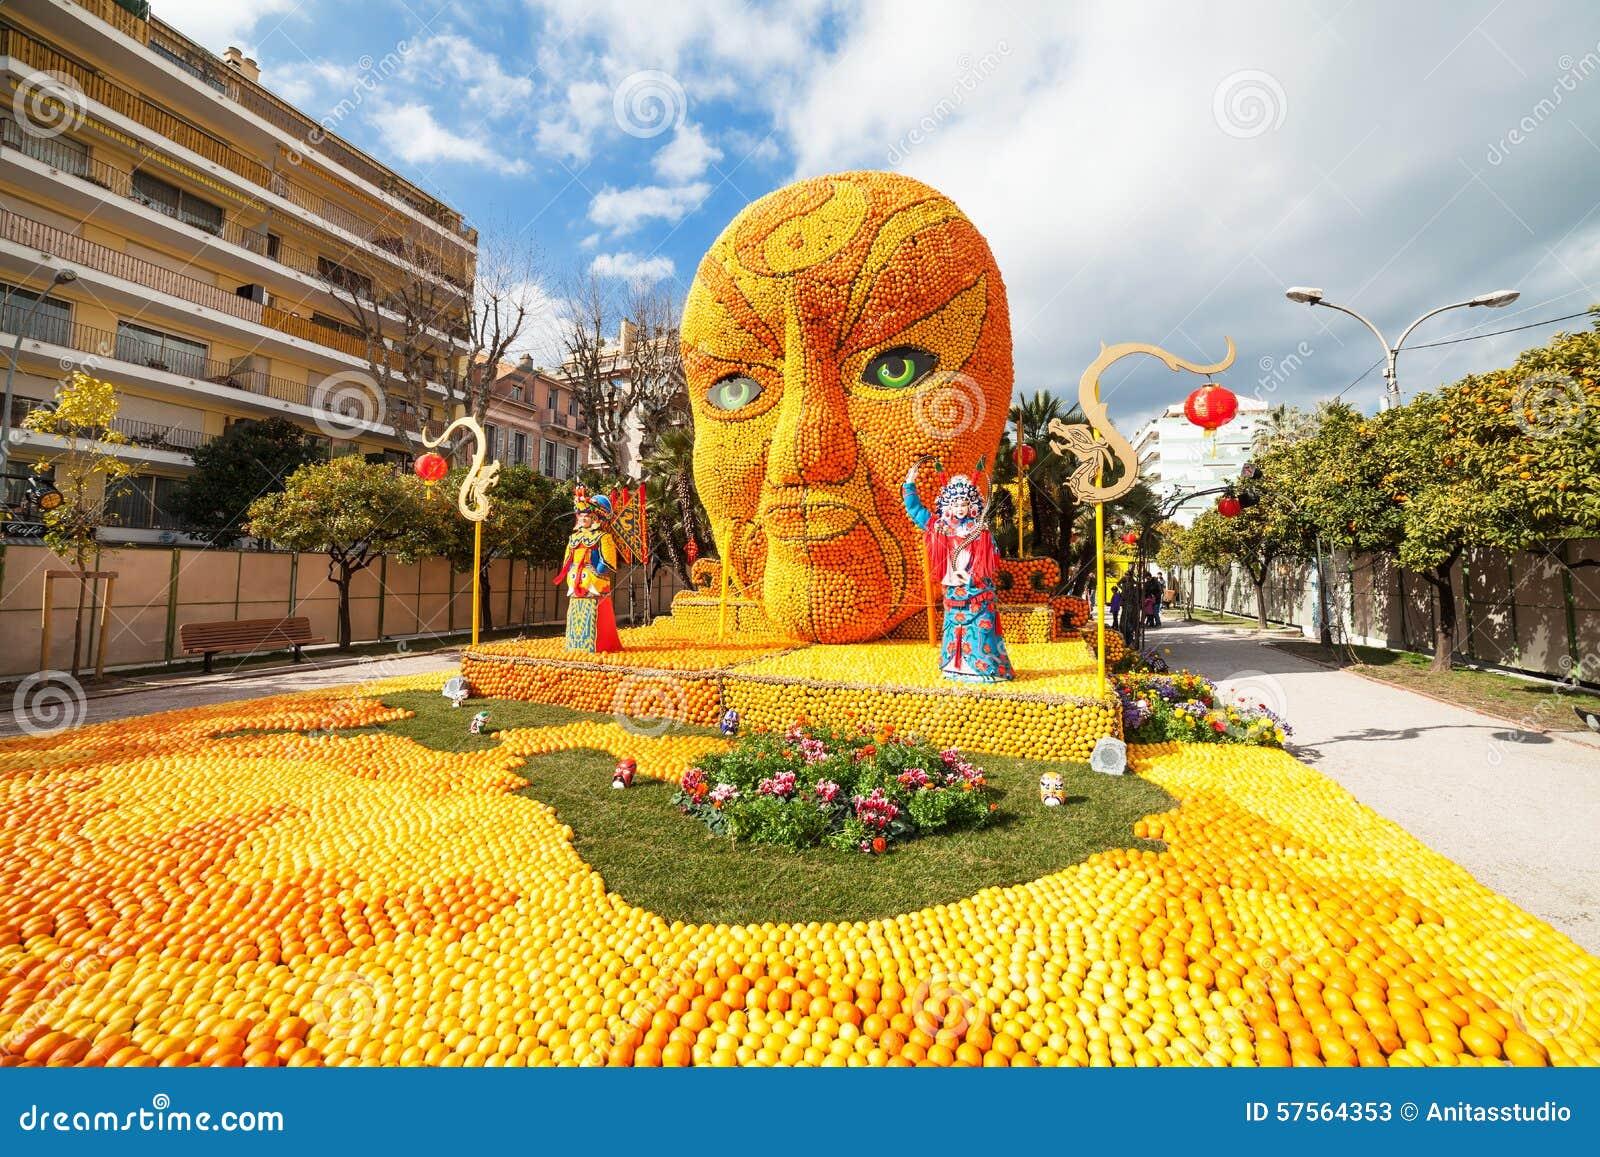 MENTON, FRANCIA - 20 DE FEBRERO: Arte hecho de limones y de naranjas en el festival famoso del limón (Fete du Citron) La fruta fa